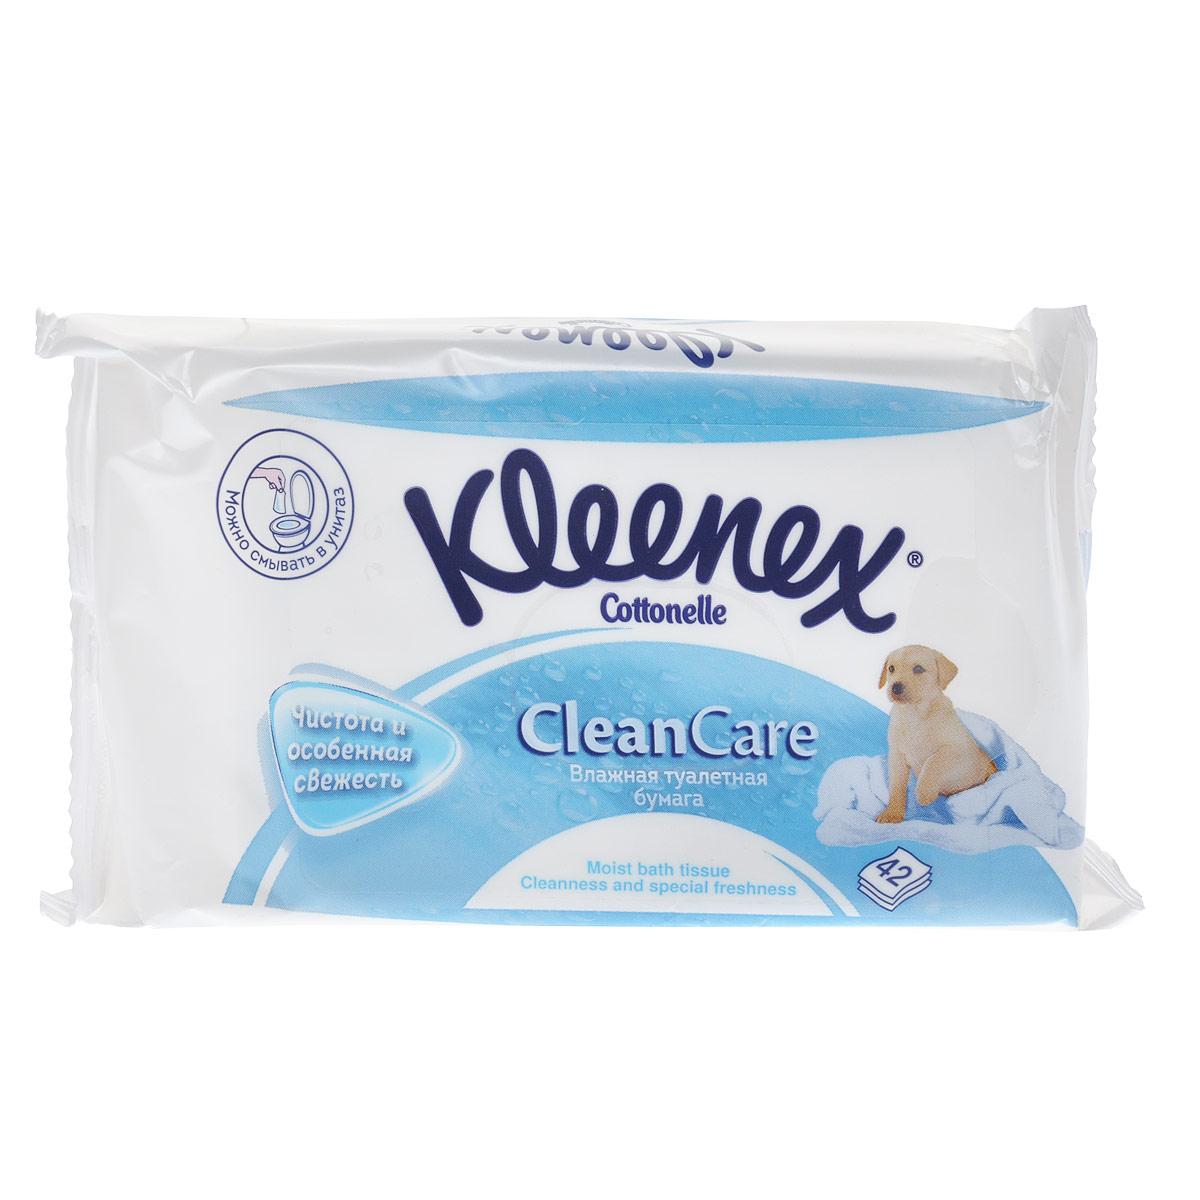 Kleenex Туалетная бумага Clean Care, влажная, сменный блок, 42 шт26083626Влажная туалетная бумага обеспечит вам повышенный уровень чистоты, гигиены и удобства дома, в офисе, на отдыхе, в дороге. Используйте после обычной туалетной бумаги для ощущения чистоты и свежести. Товар сертифицирован.